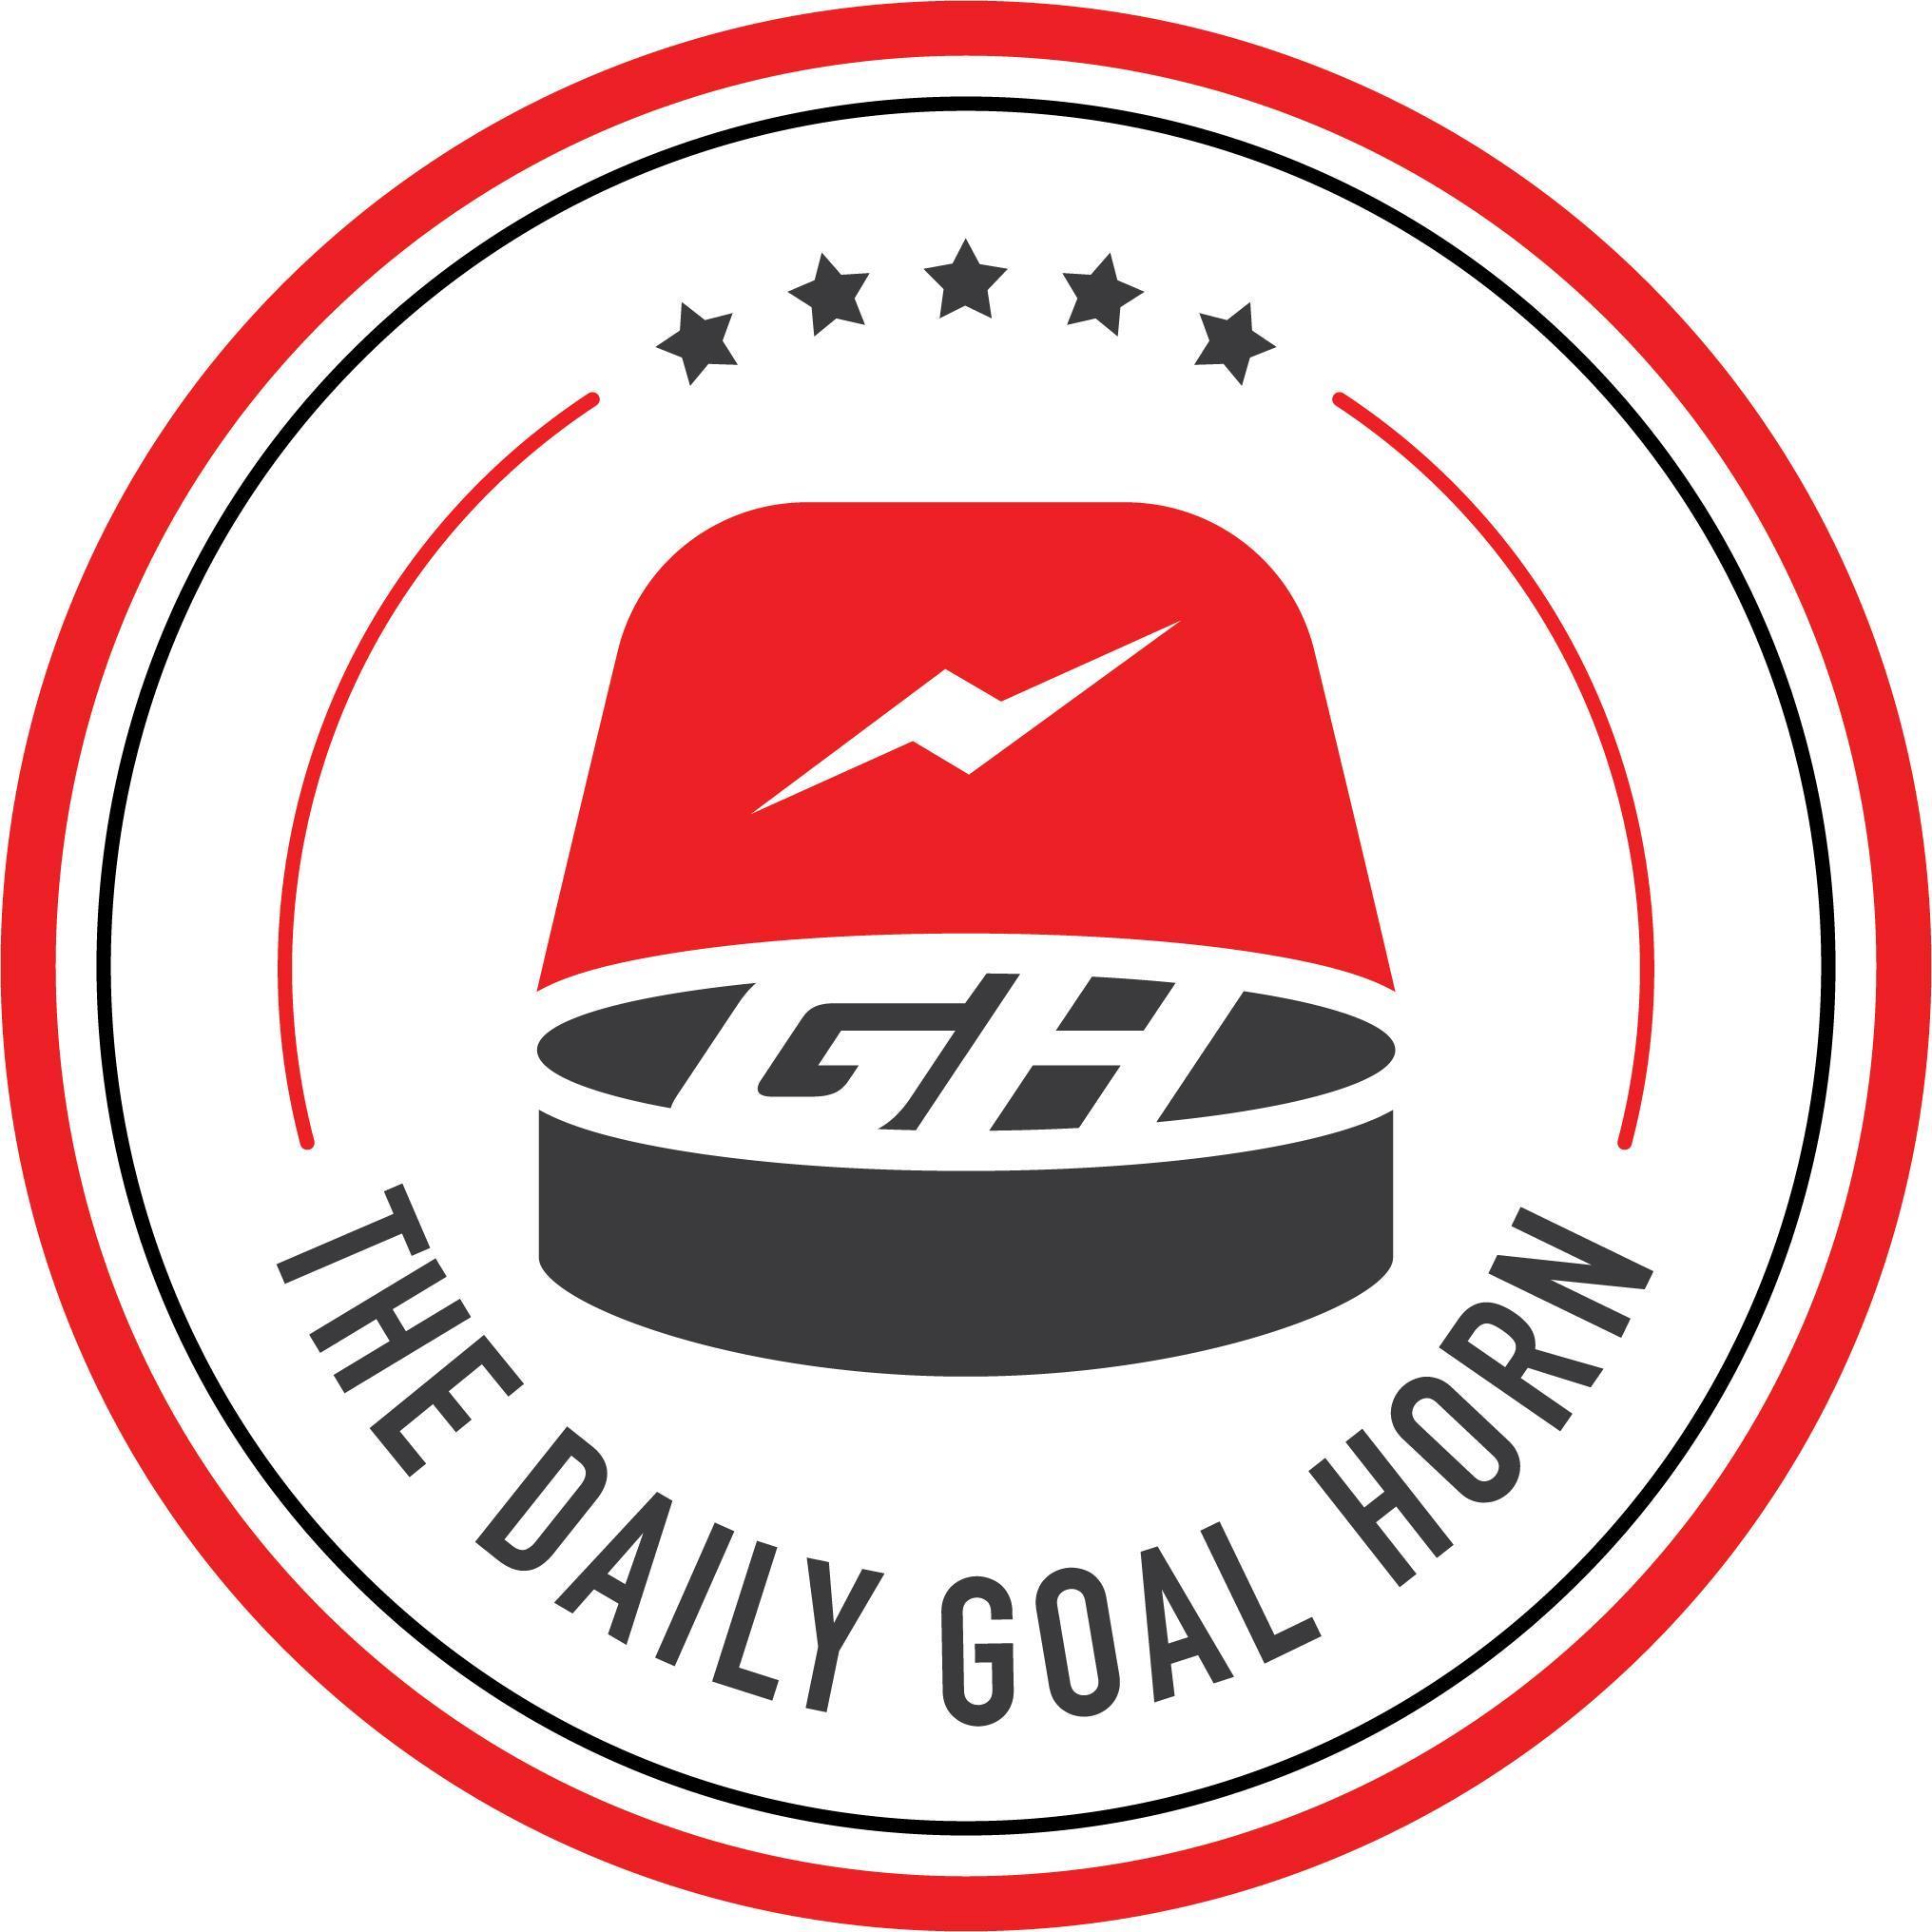 Avatar - The Daily Goal Horn